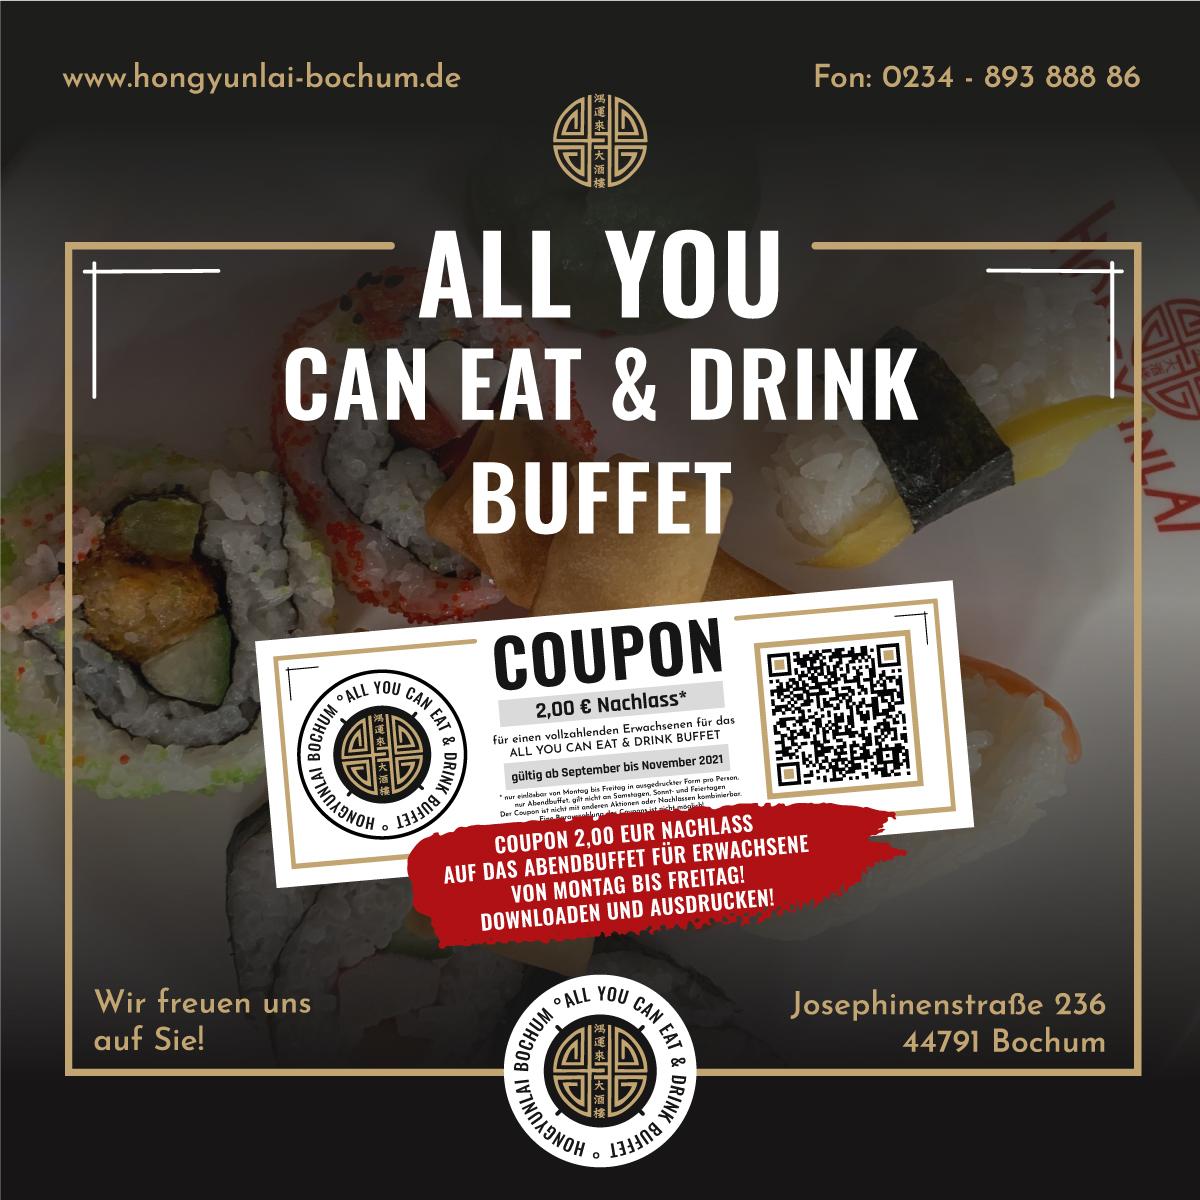 HYLBO_smpu-1200x1200px_coupon